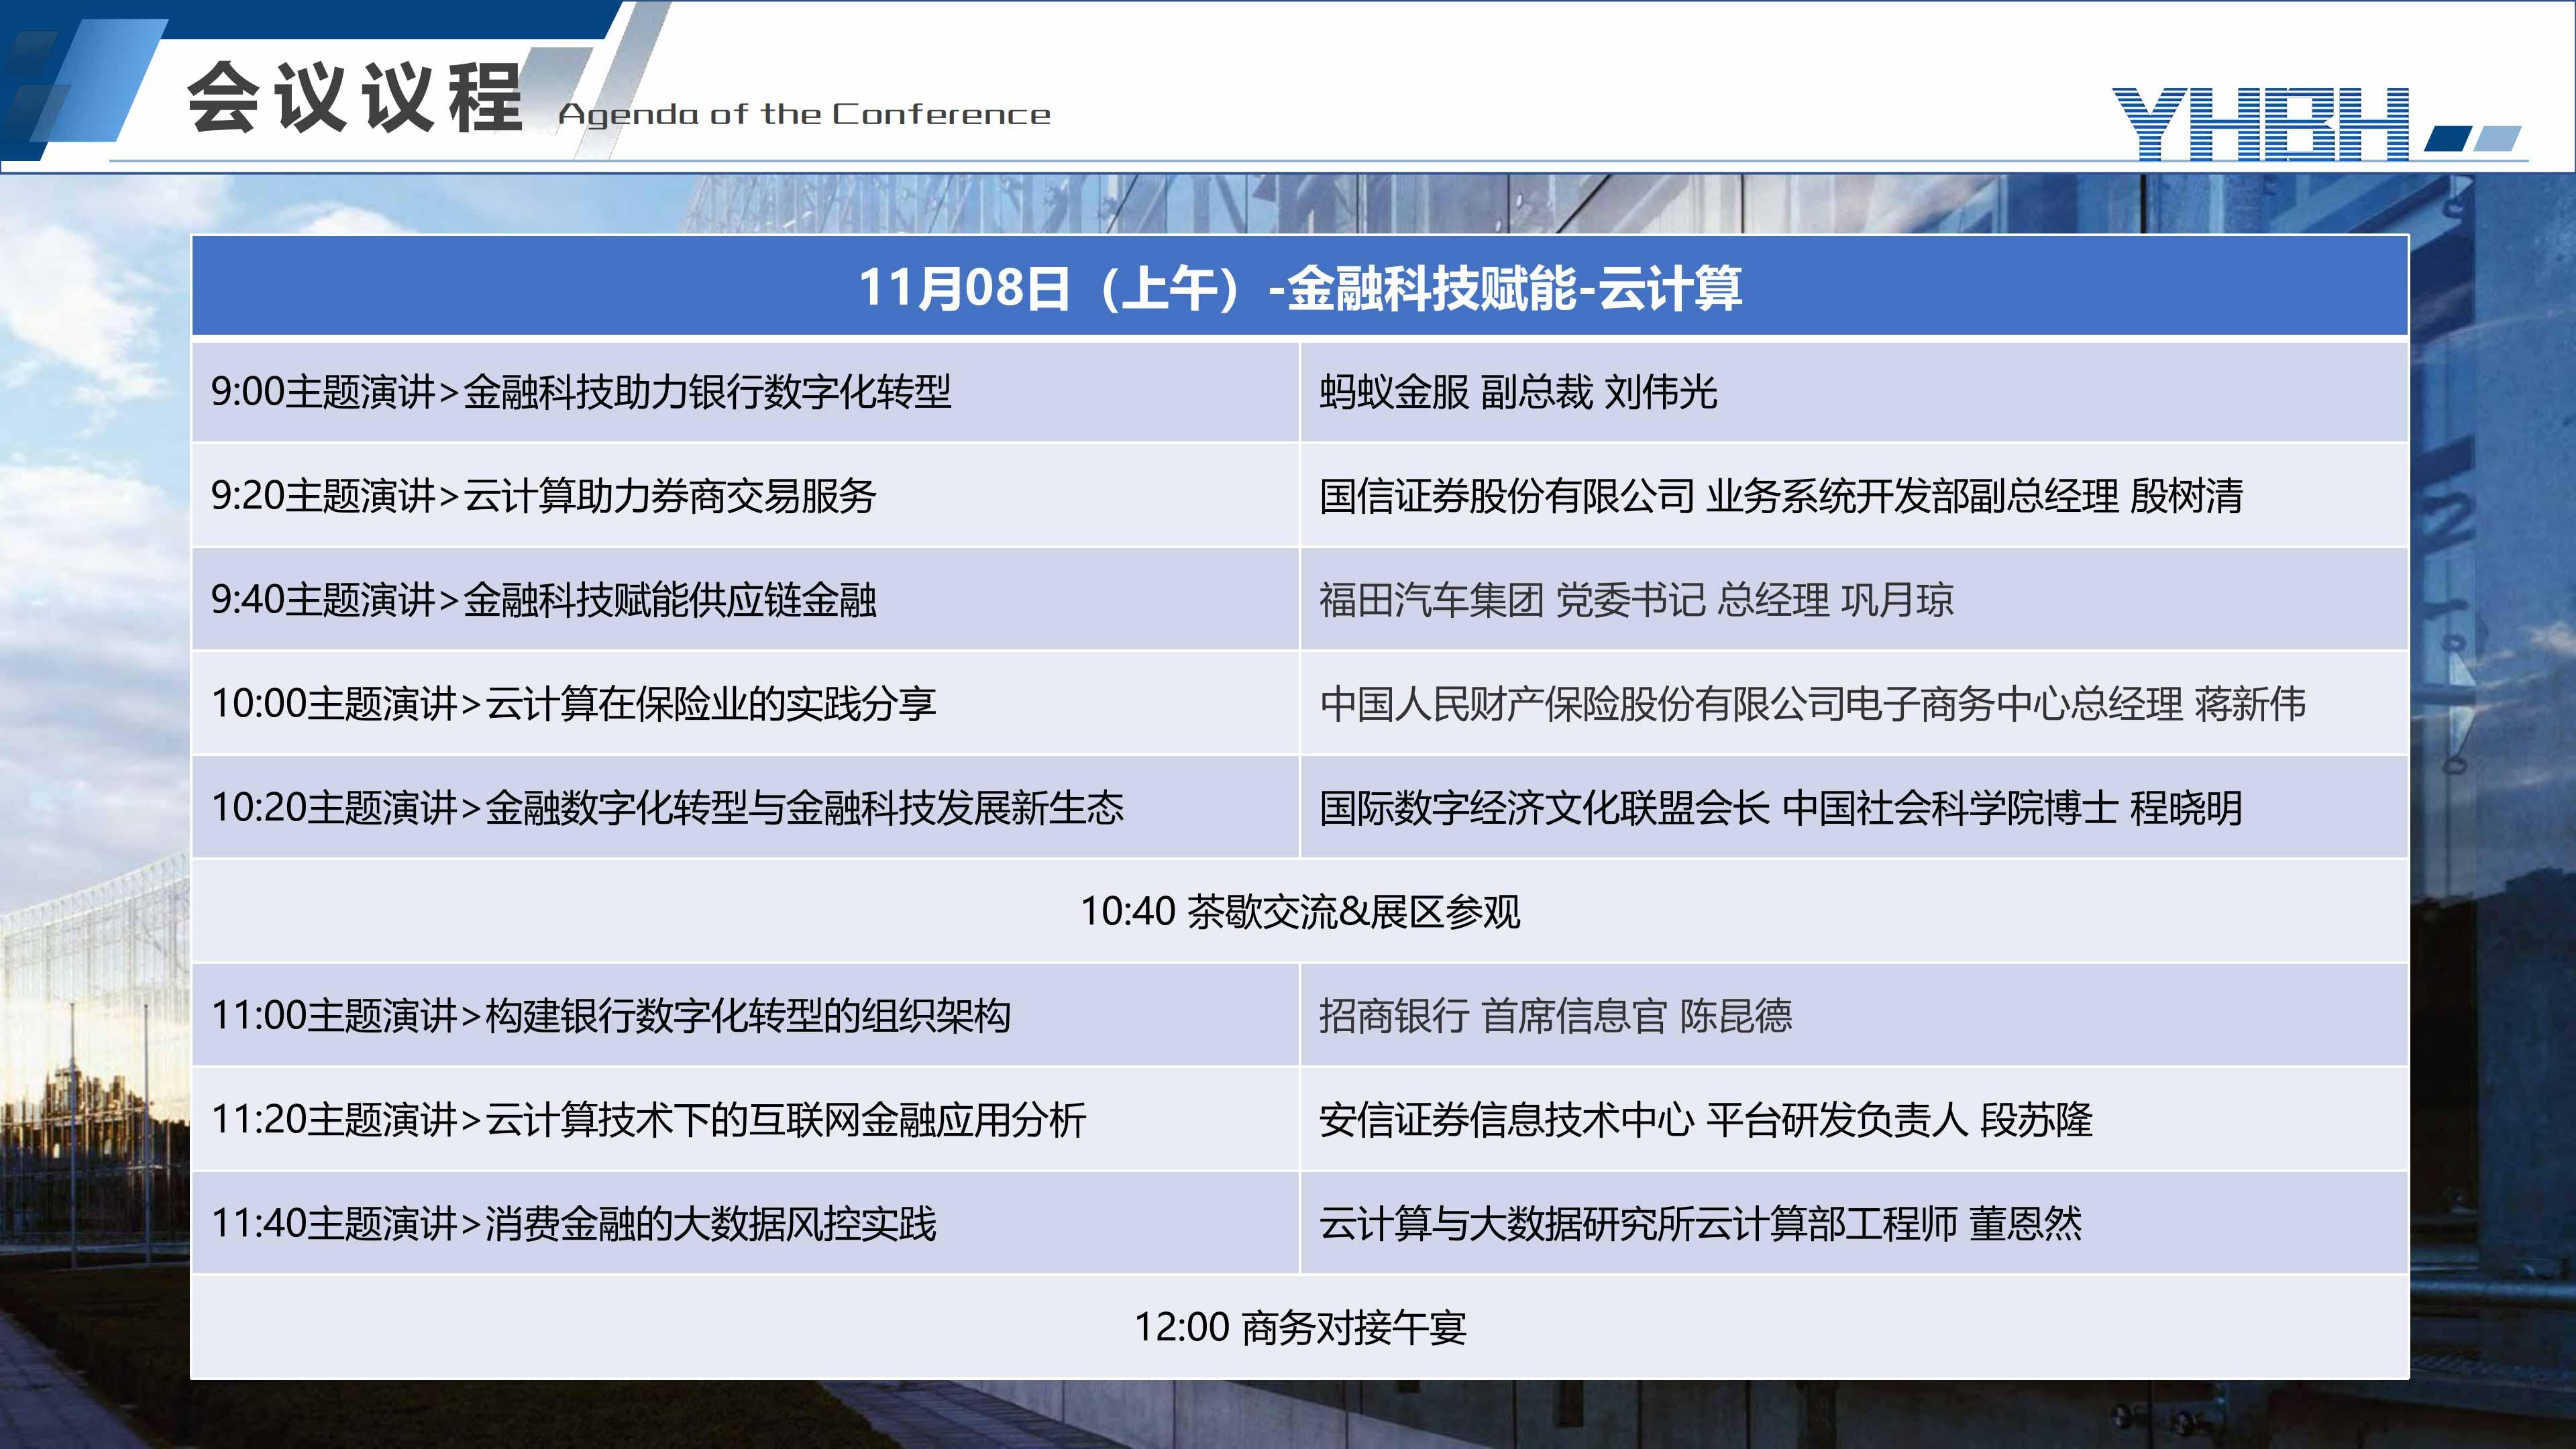 2019中國金融科技國際峰會【大數據-云計算-AI-區塊鏈】